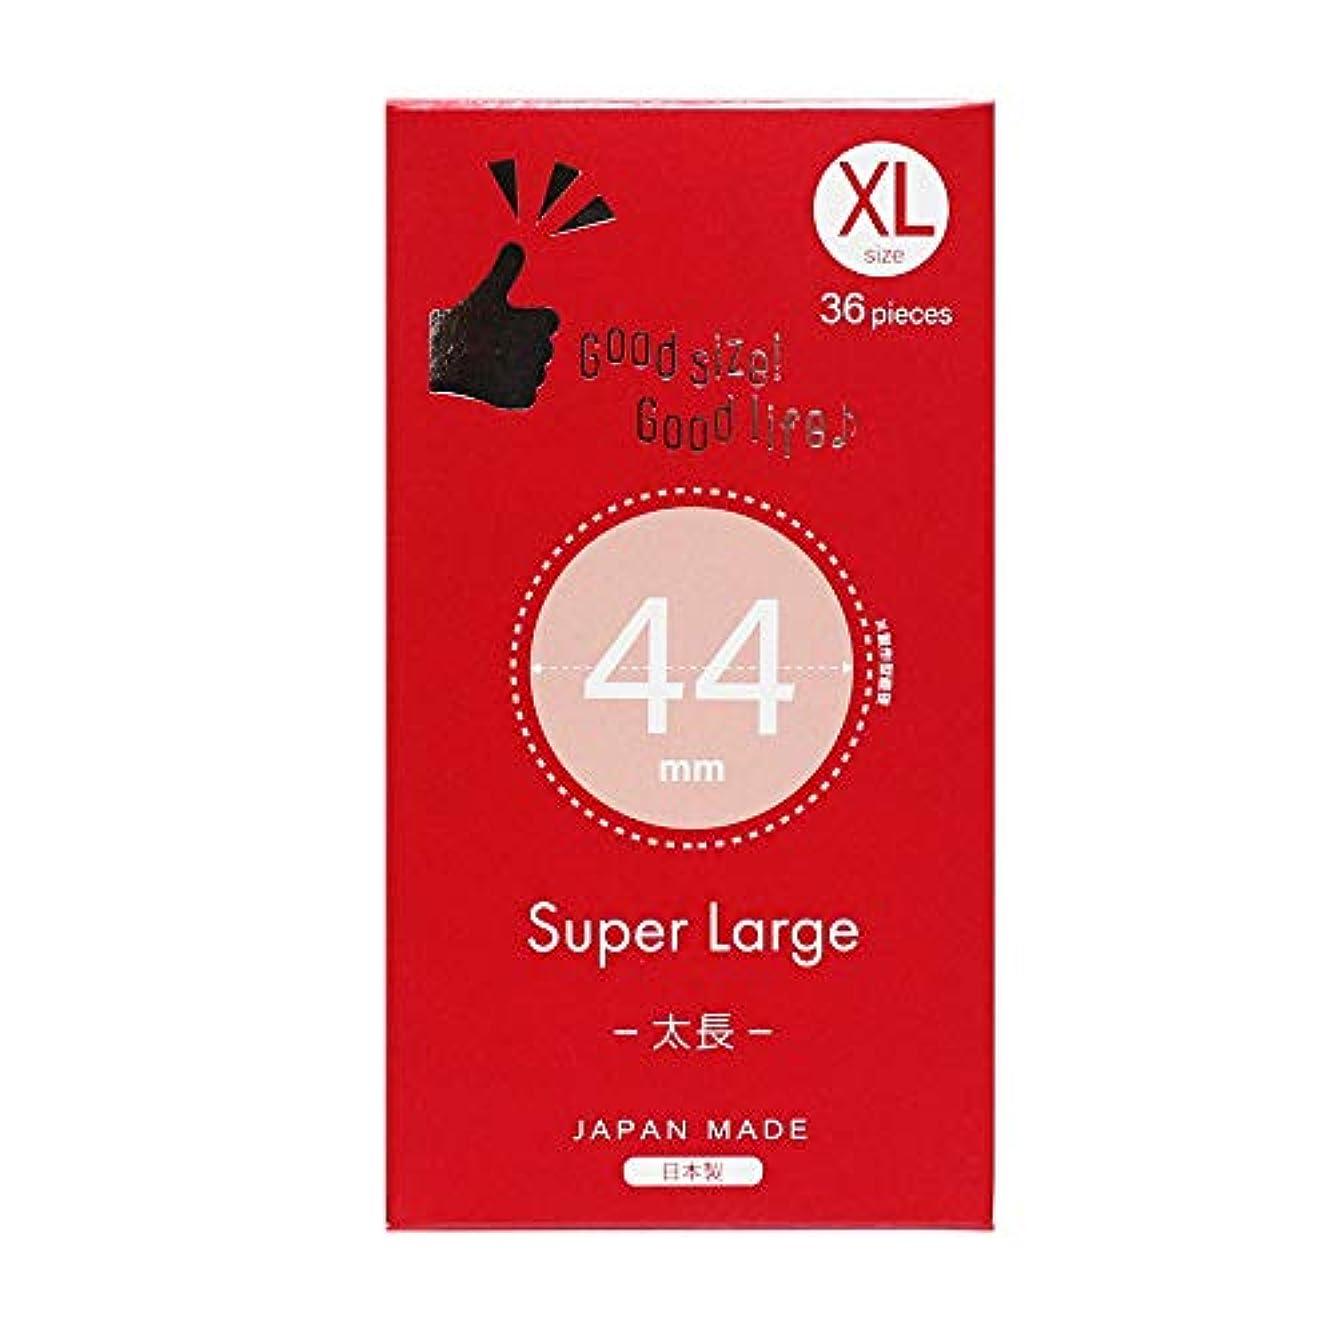 不二ラテックス グッドサイズコンドーム XL スーパーラージ 36個入